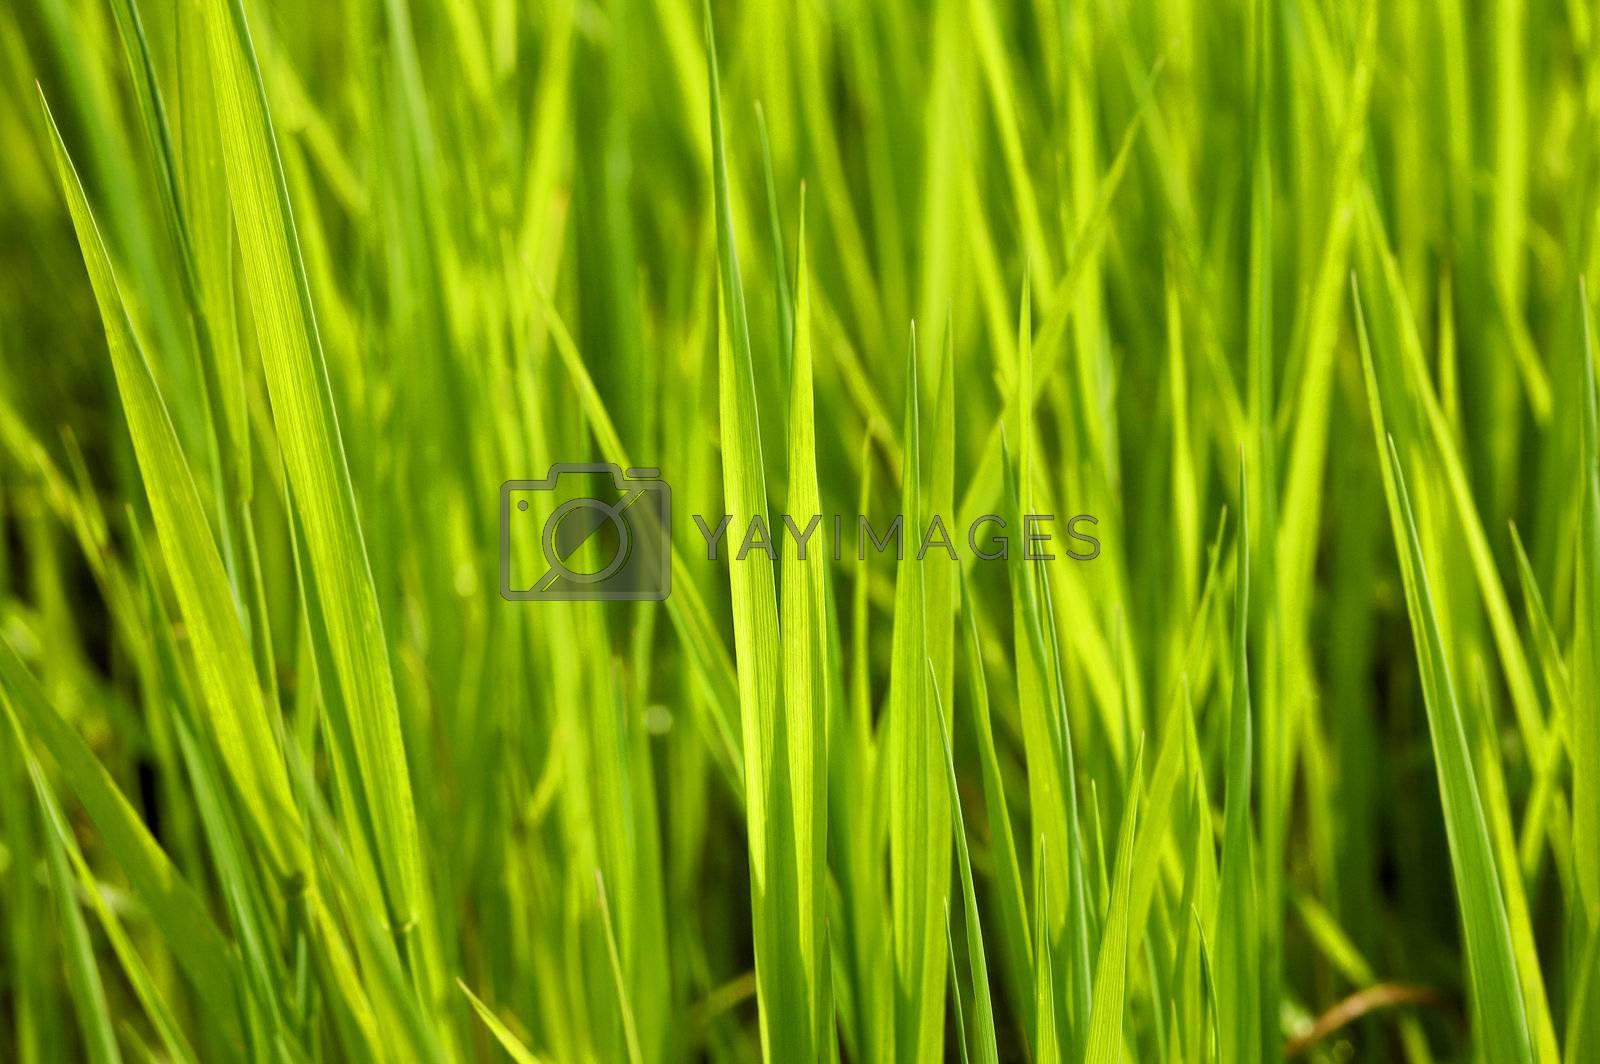 A close up green grass